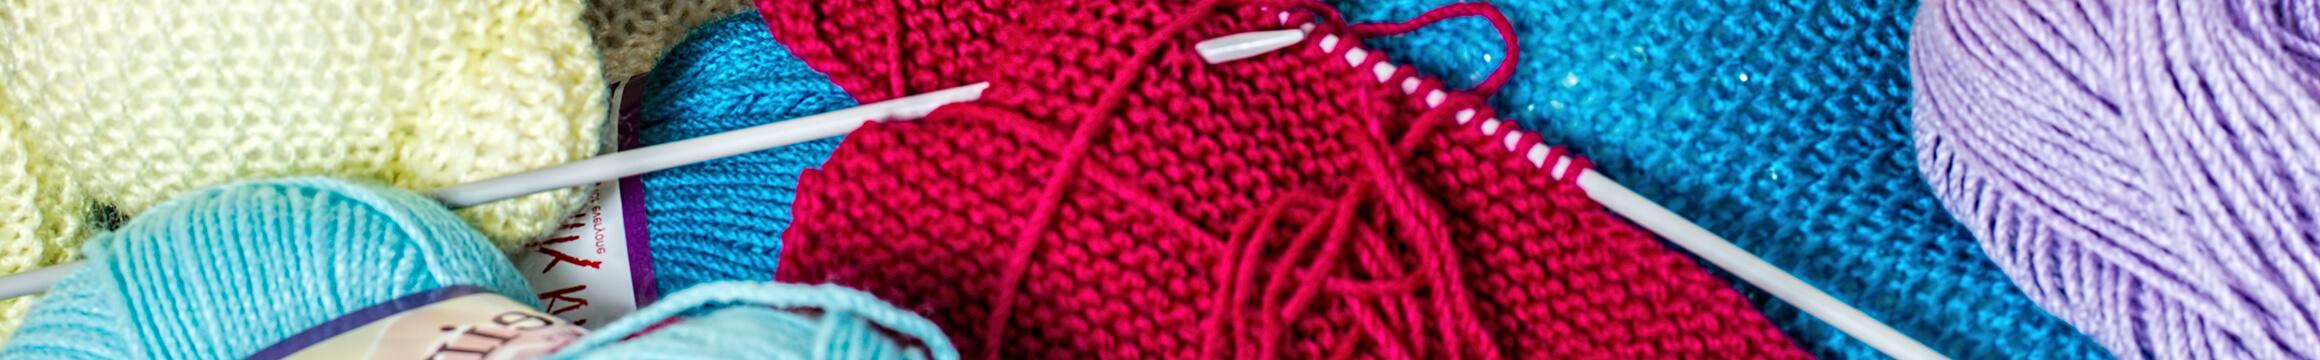 Knitting 07